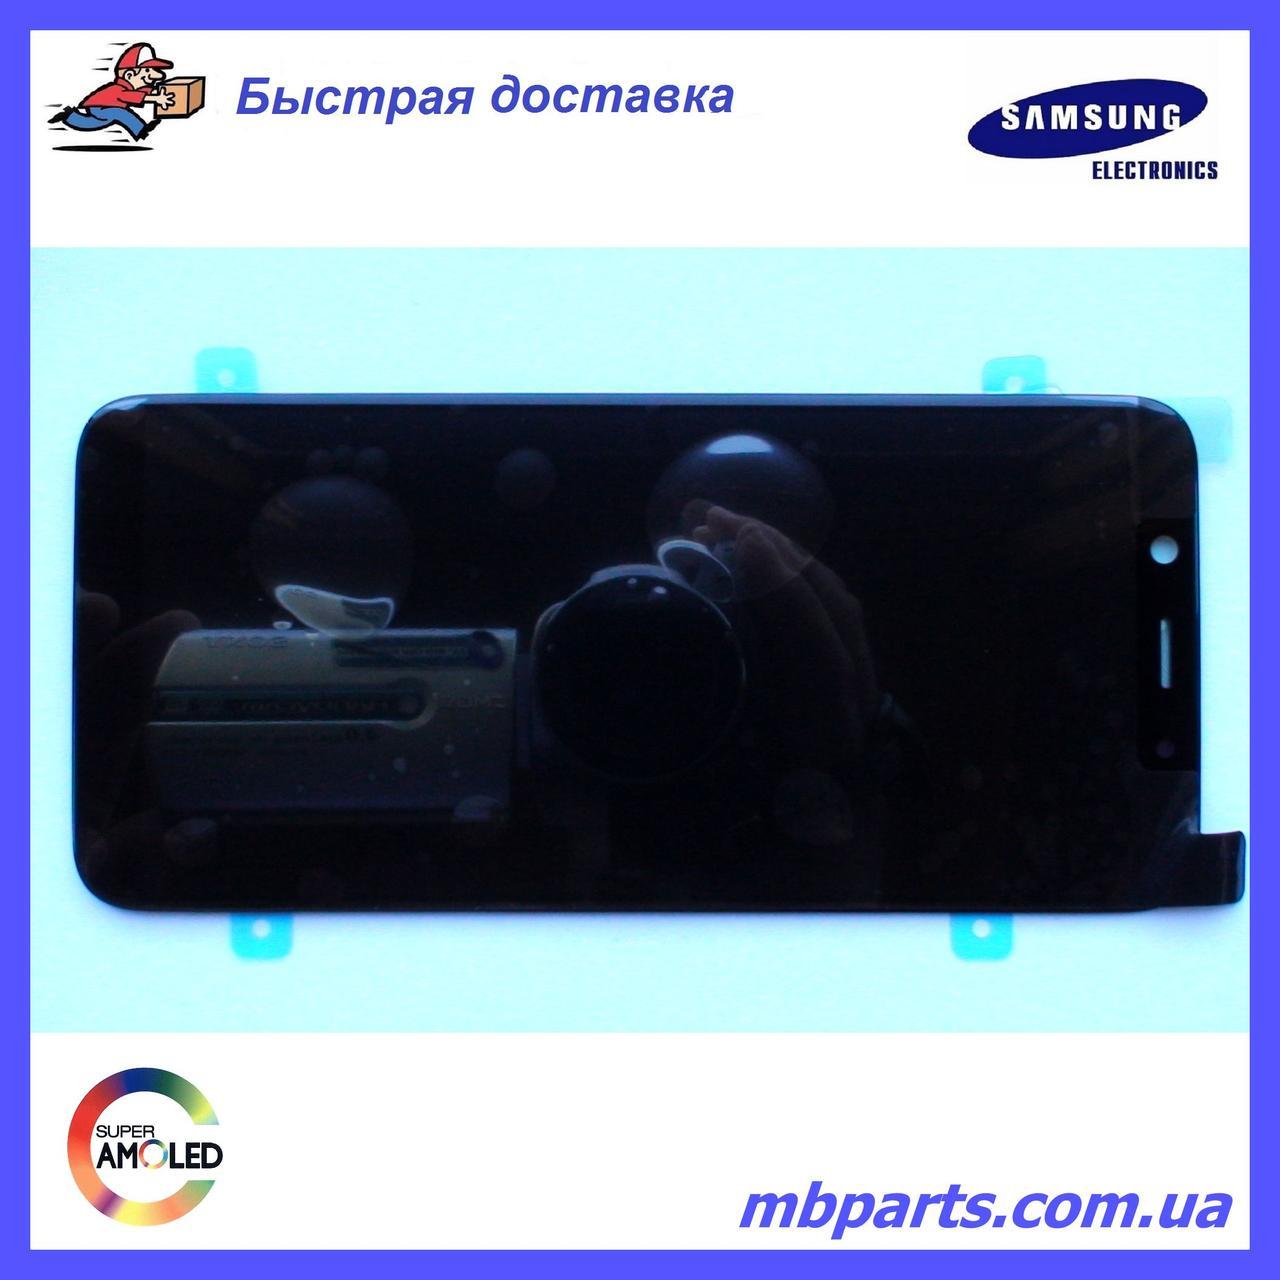 Дисплей с сенсором Samsung А600 Galaxy А6 2018 чёрный/black, GH97-21897A